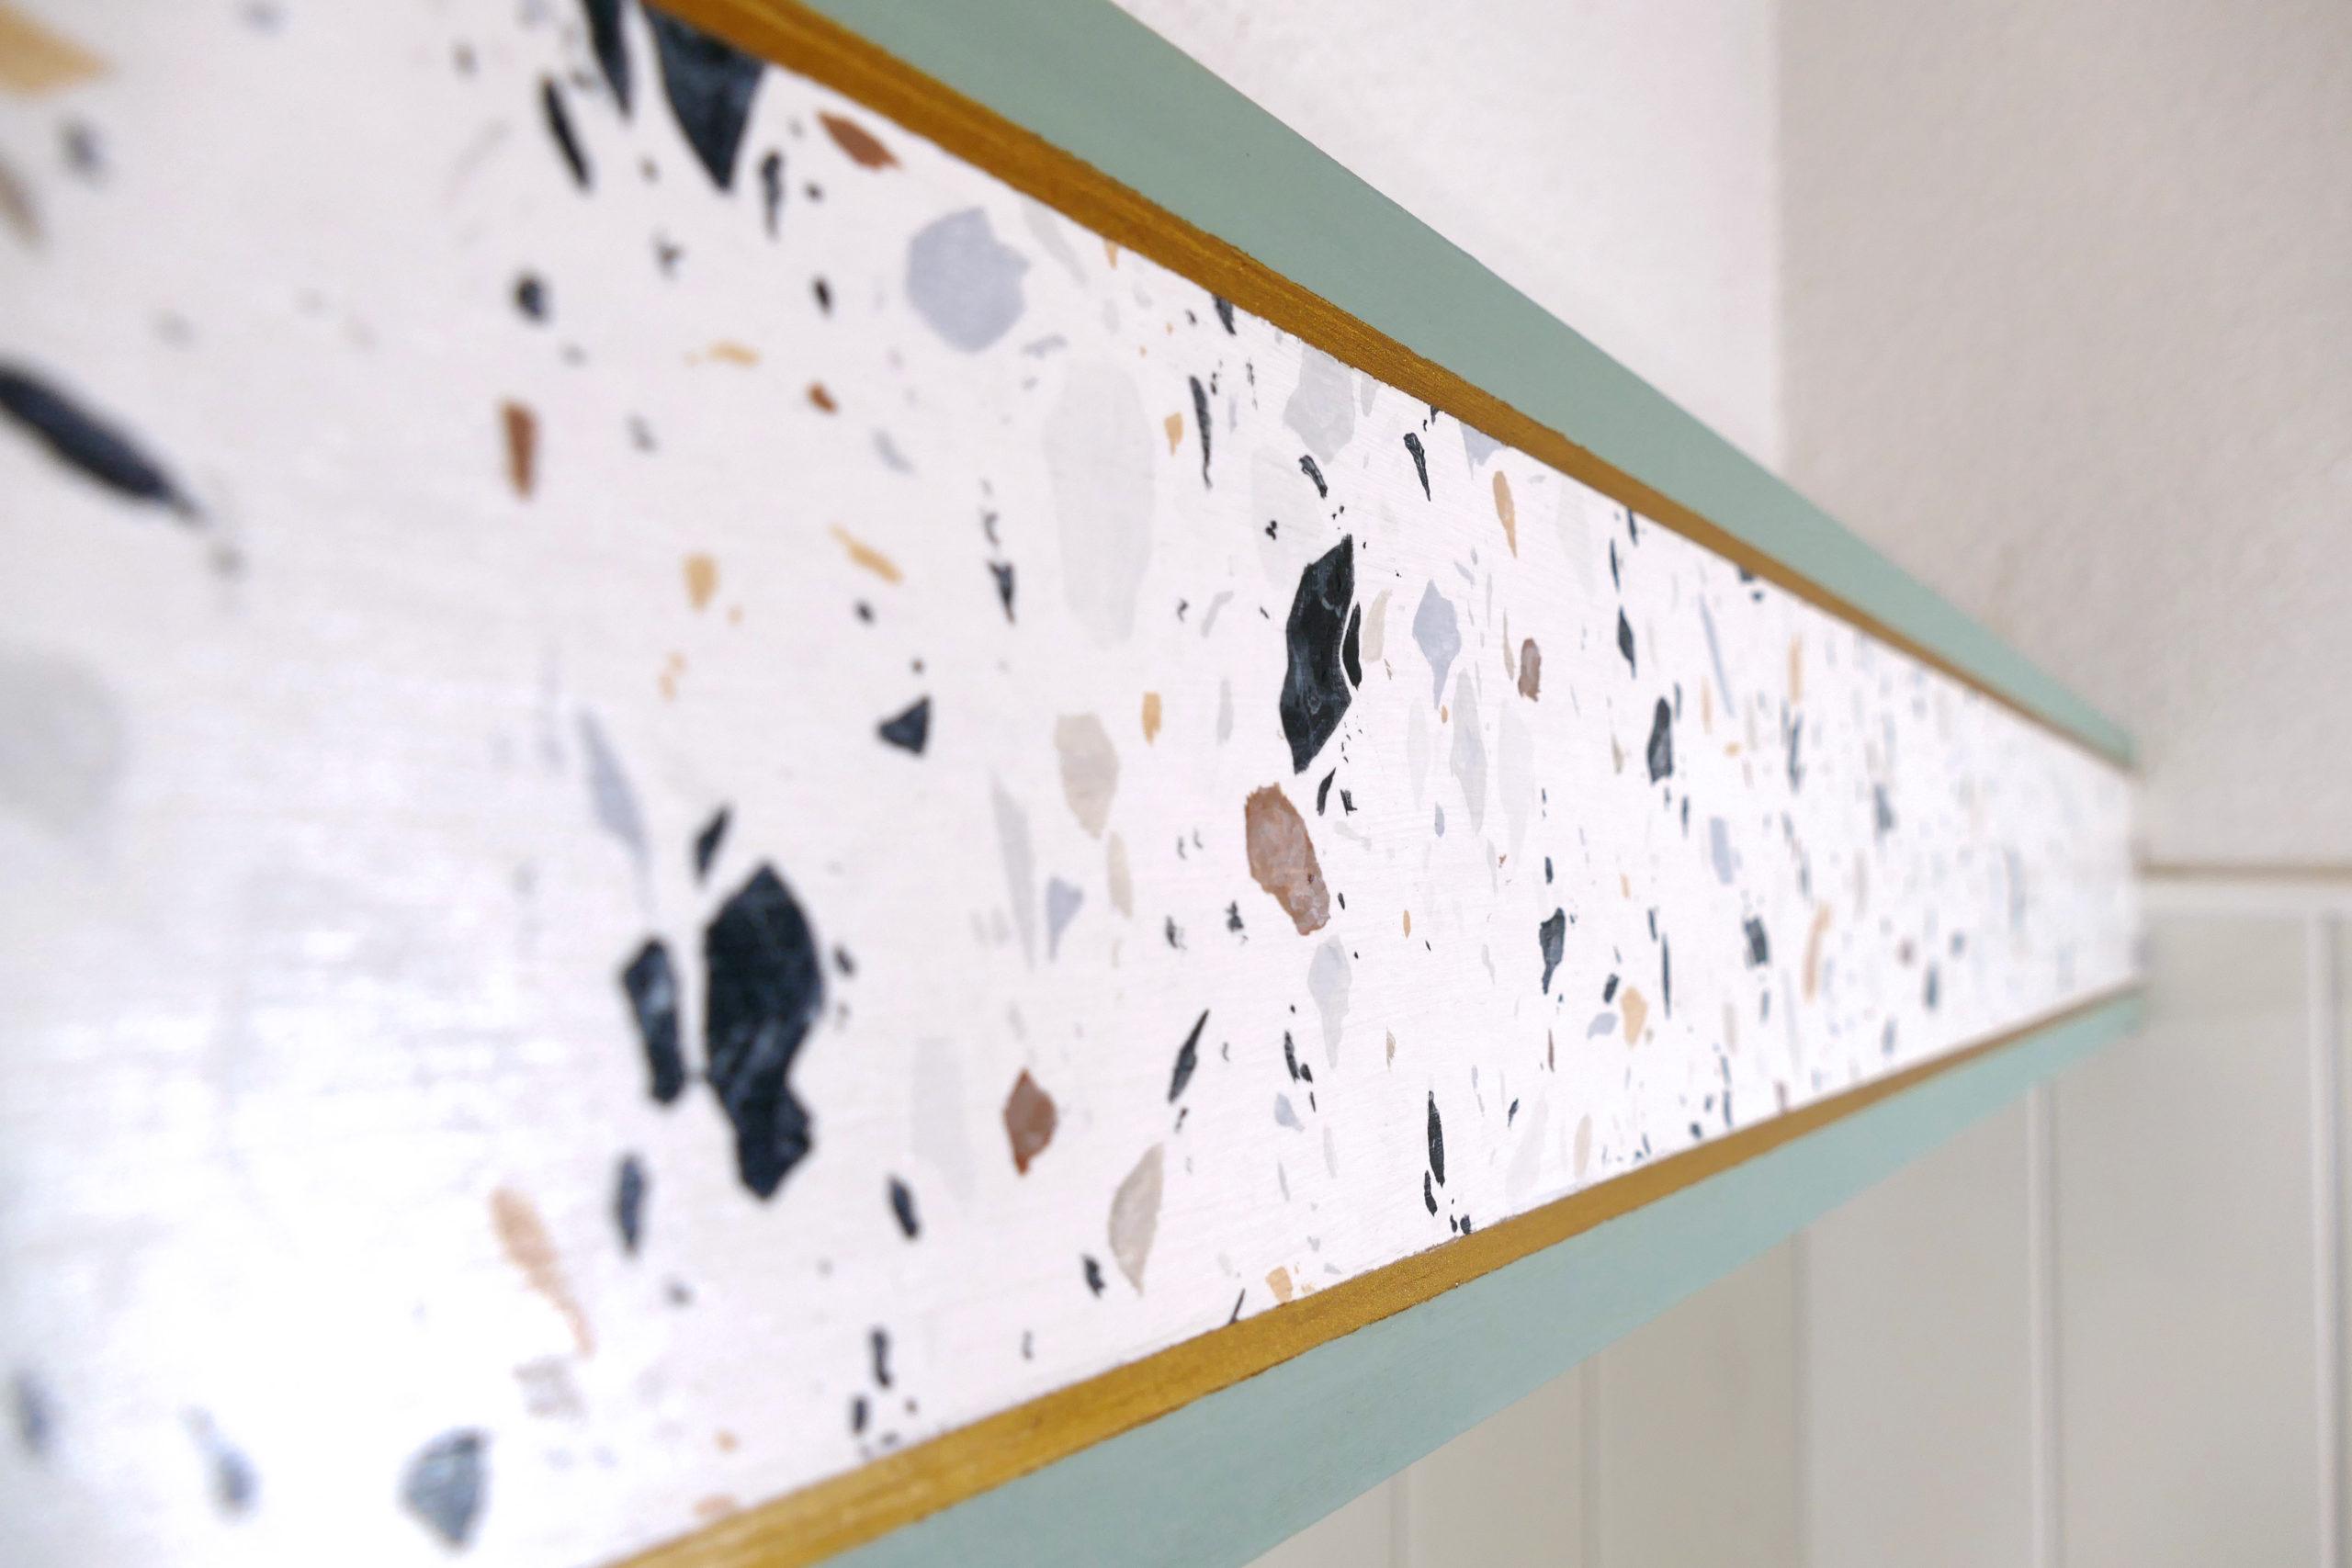 Décor imitation terrazzo, effet de matière meuble peint. Relooking meuble. Assilem décors, peintre décoratrice, peintre en décor à Bordeaux - Crédit photo Sylvie MARTIN